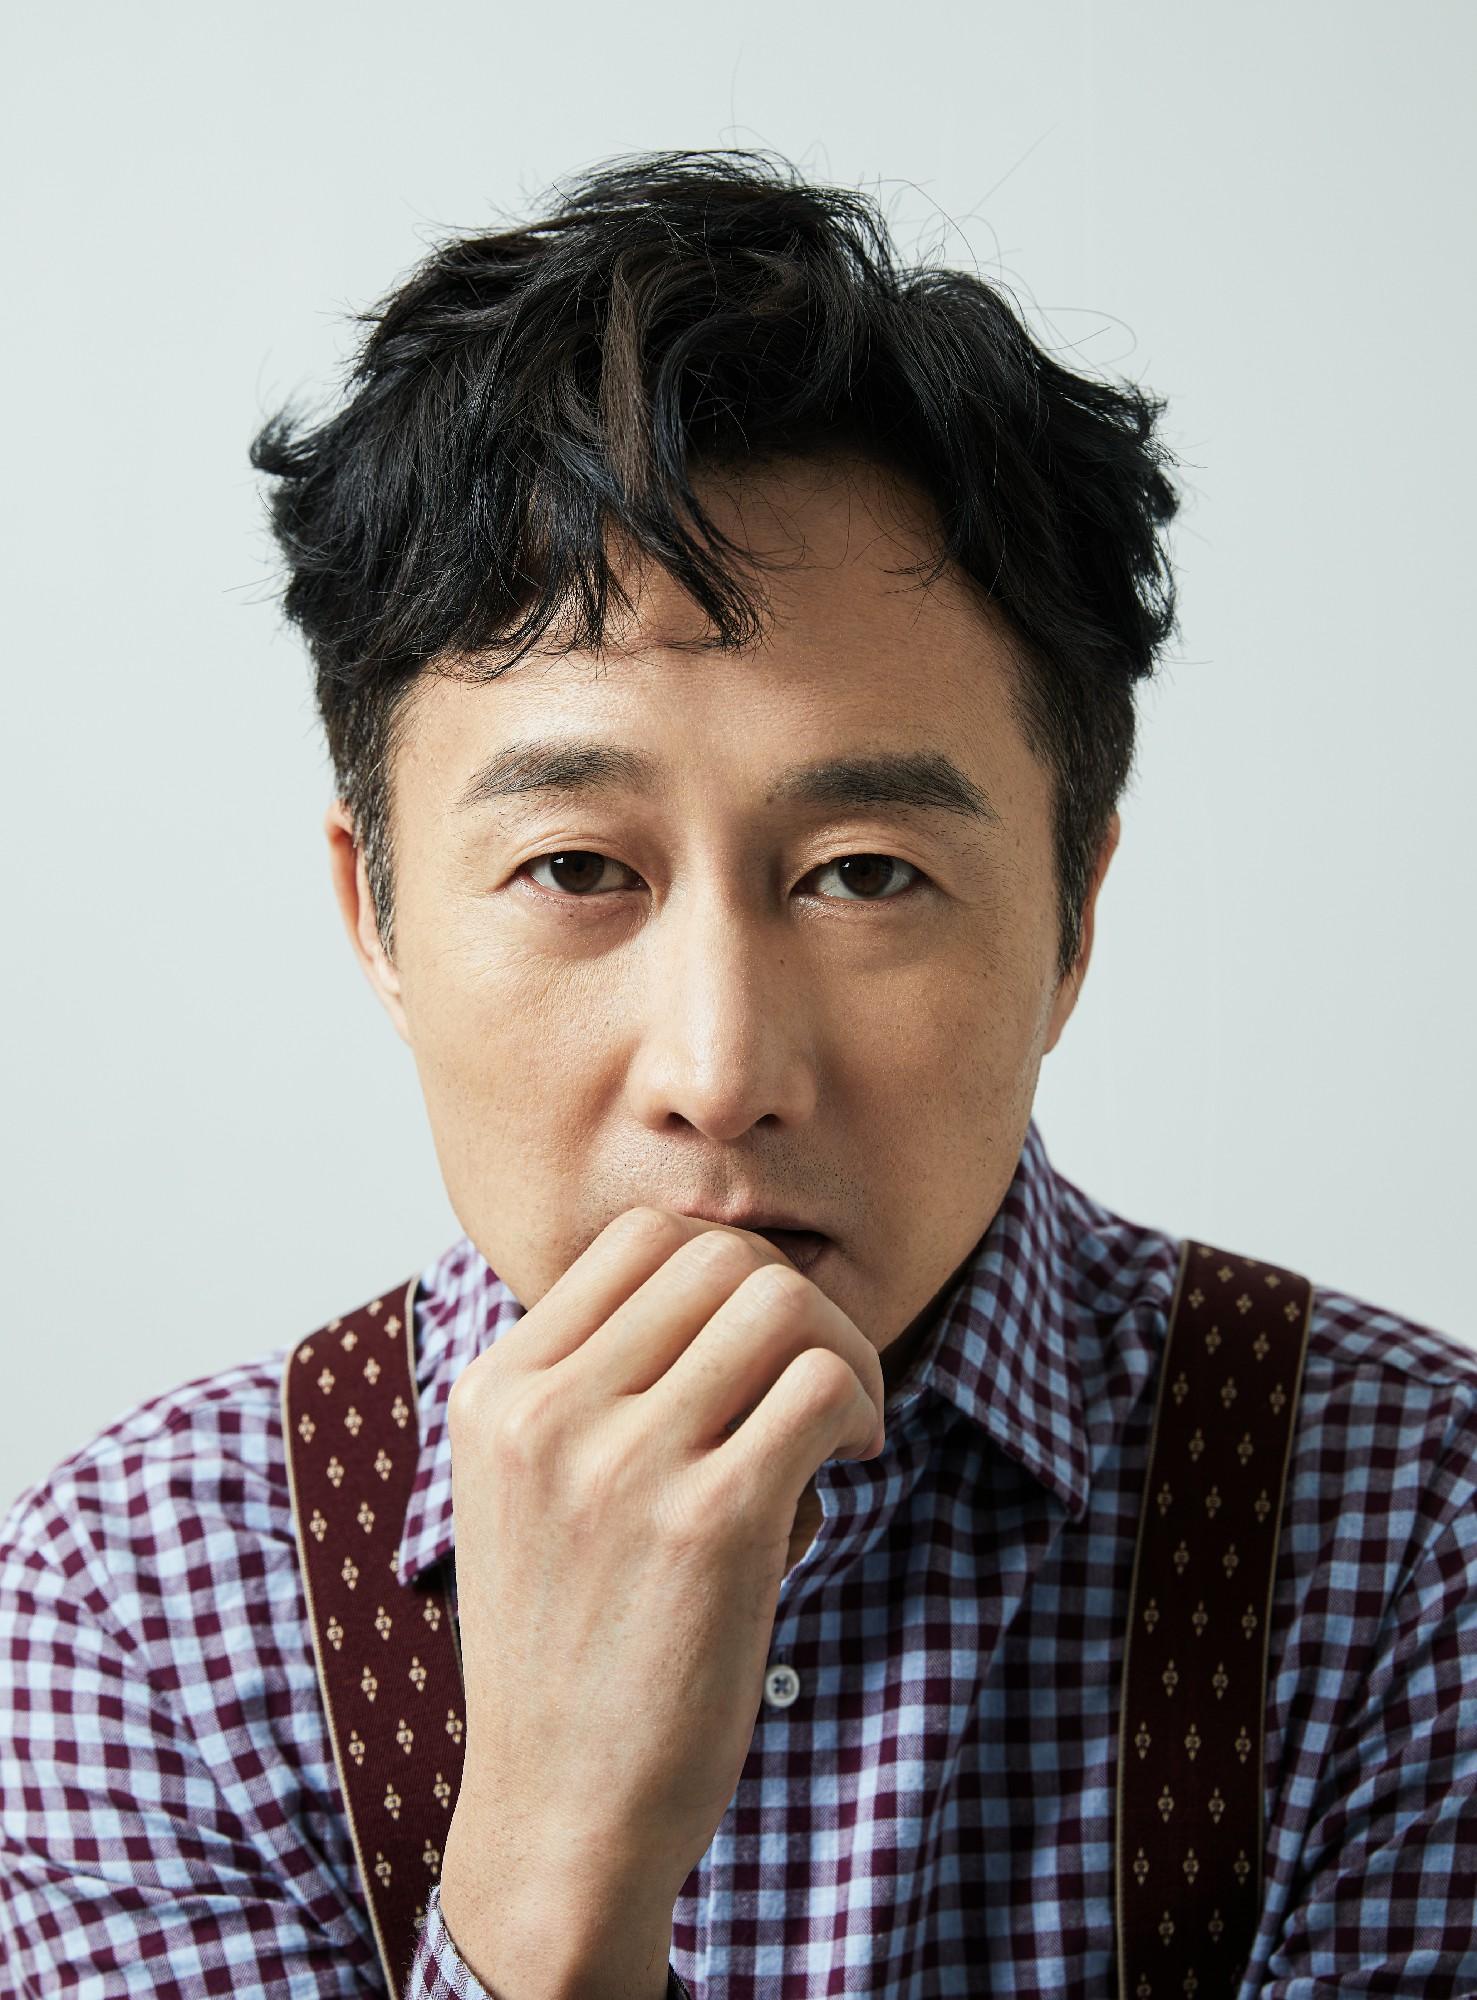 岳旸0804生日快乐 角色多样塑造经典